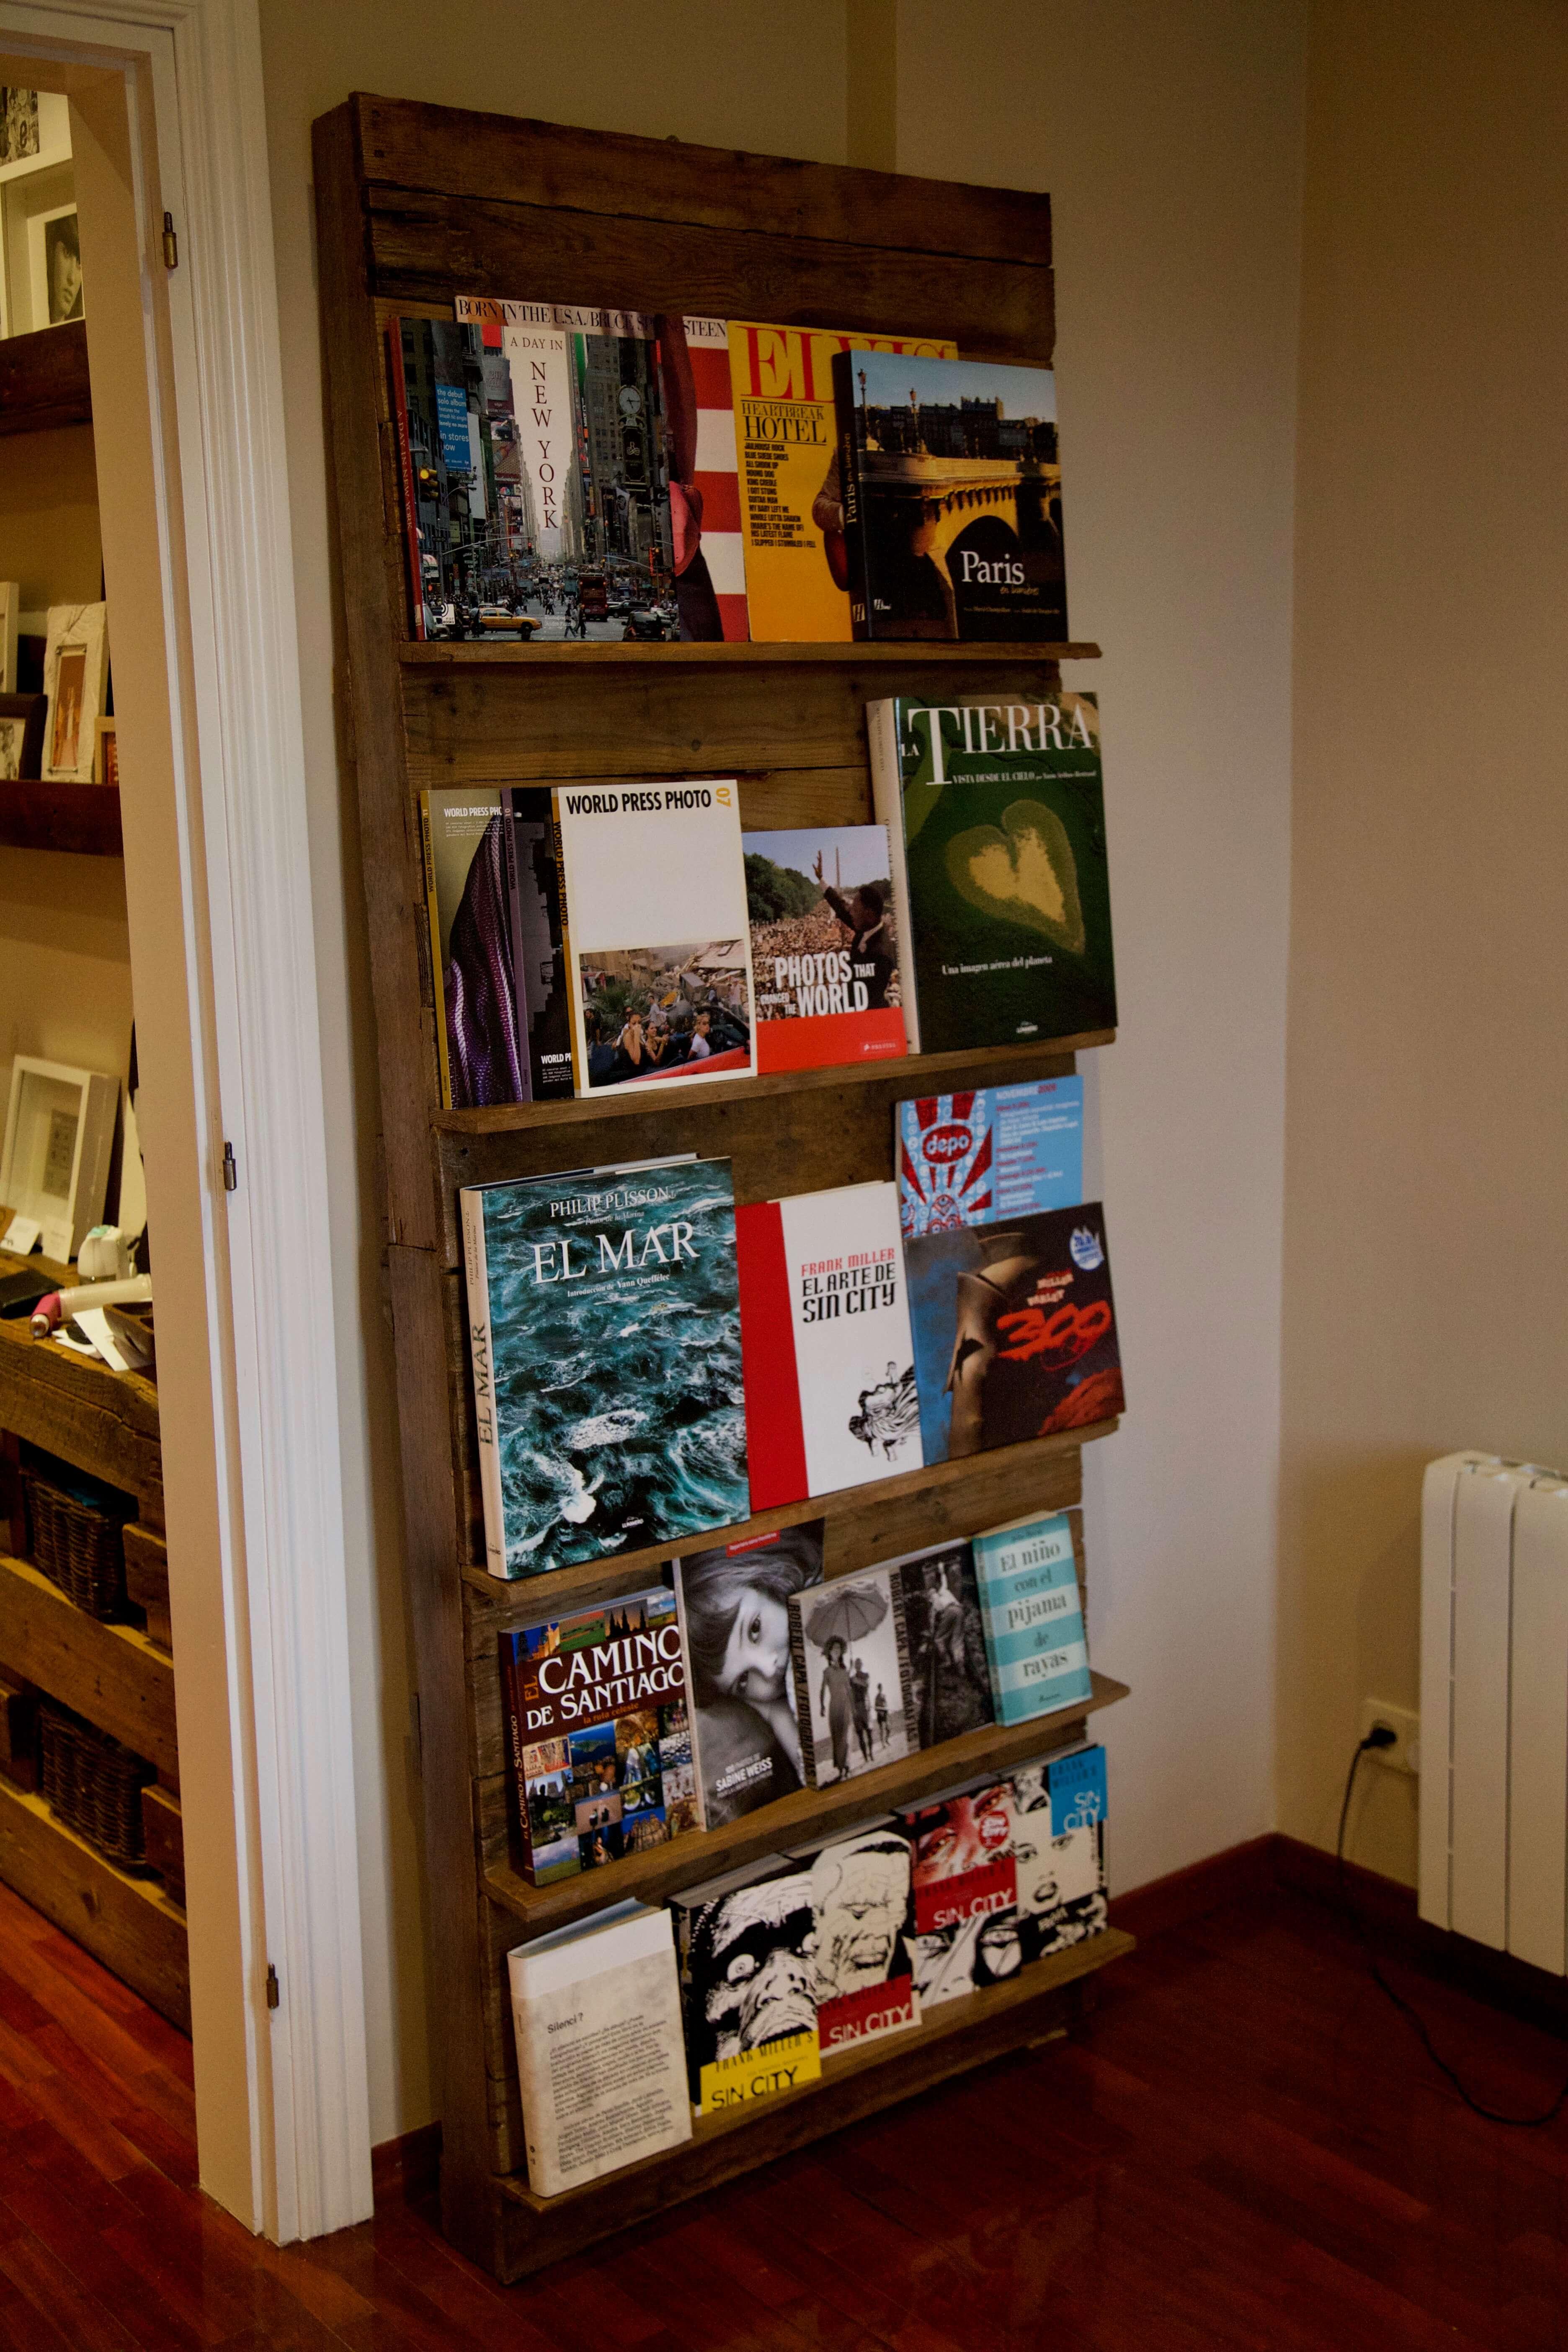 detalle lateral izquierda de la libreria expositor hecha con palets